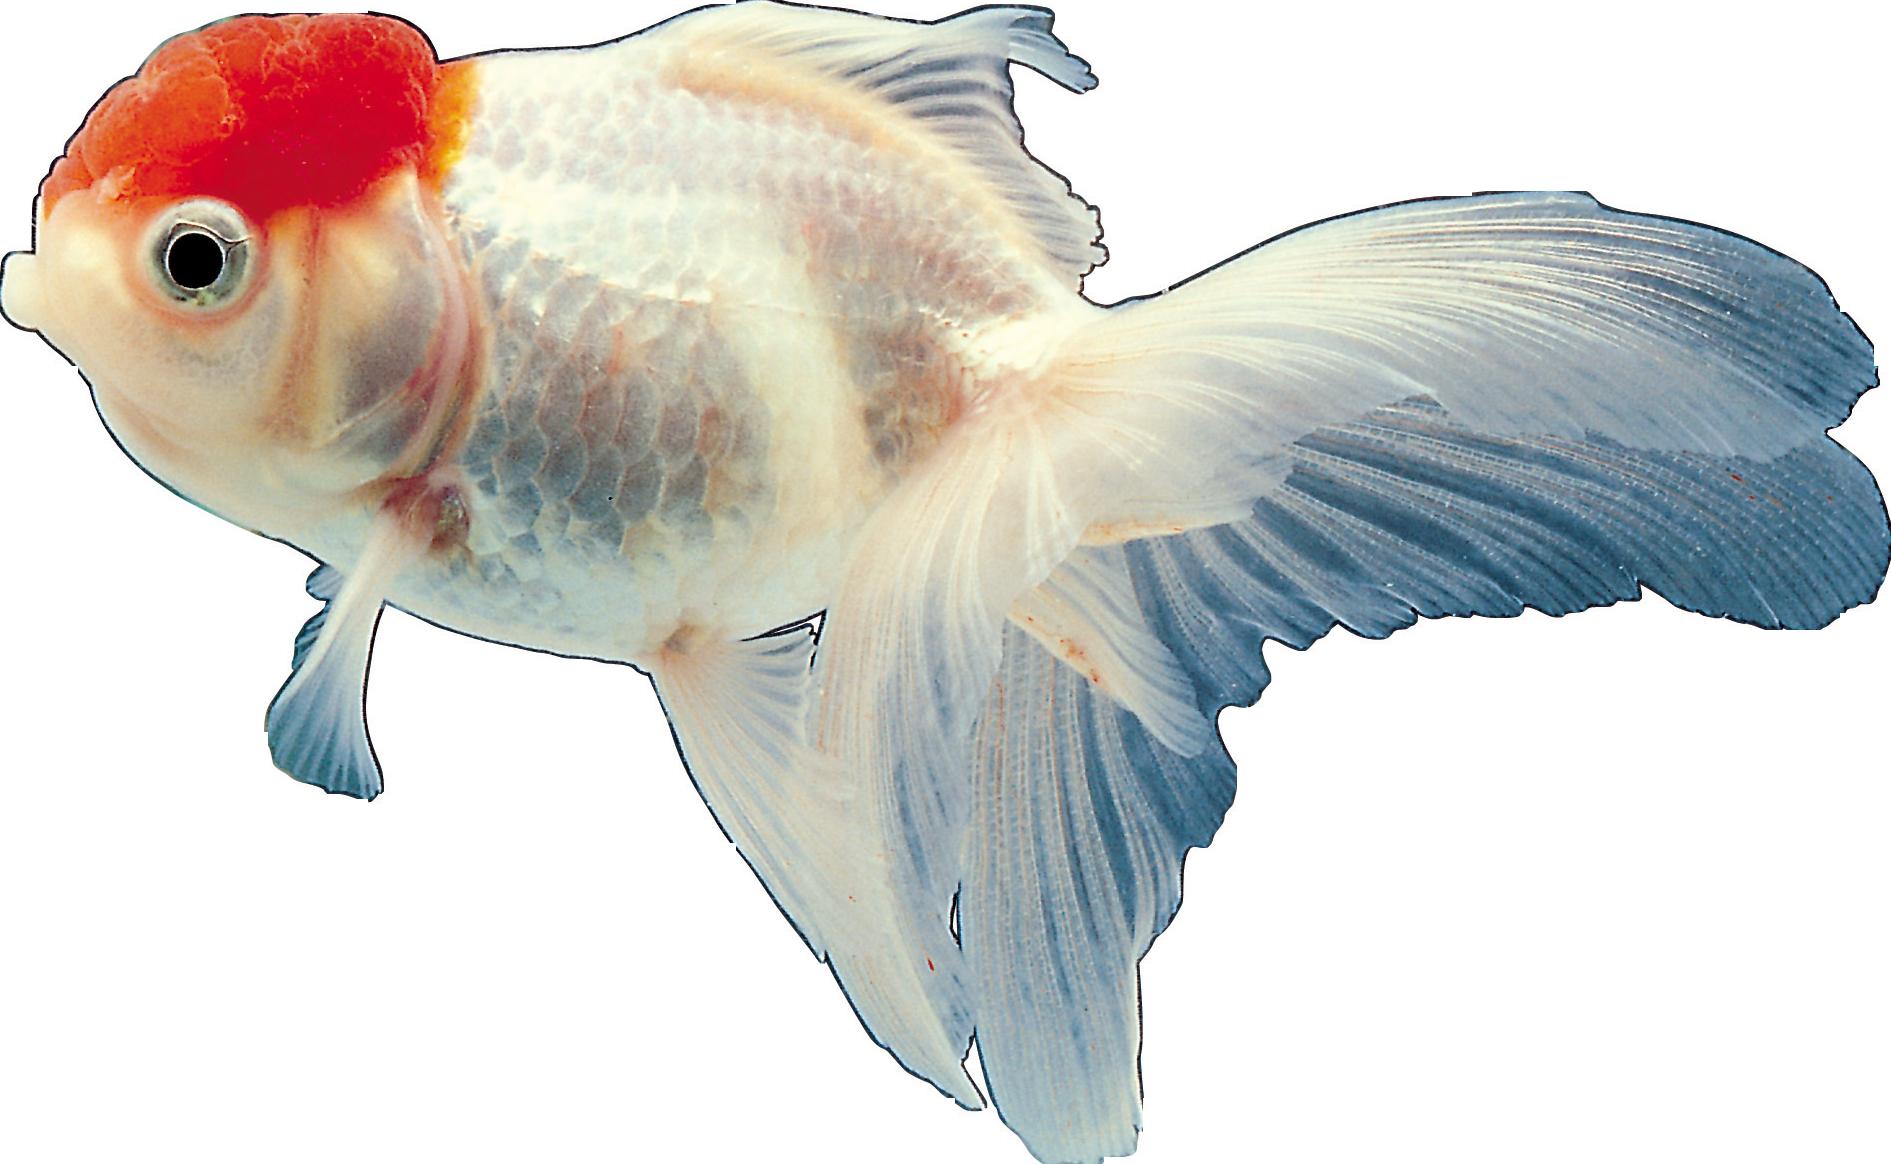 рыбки для аквариума картинки на белом фоне организация была прибыльной